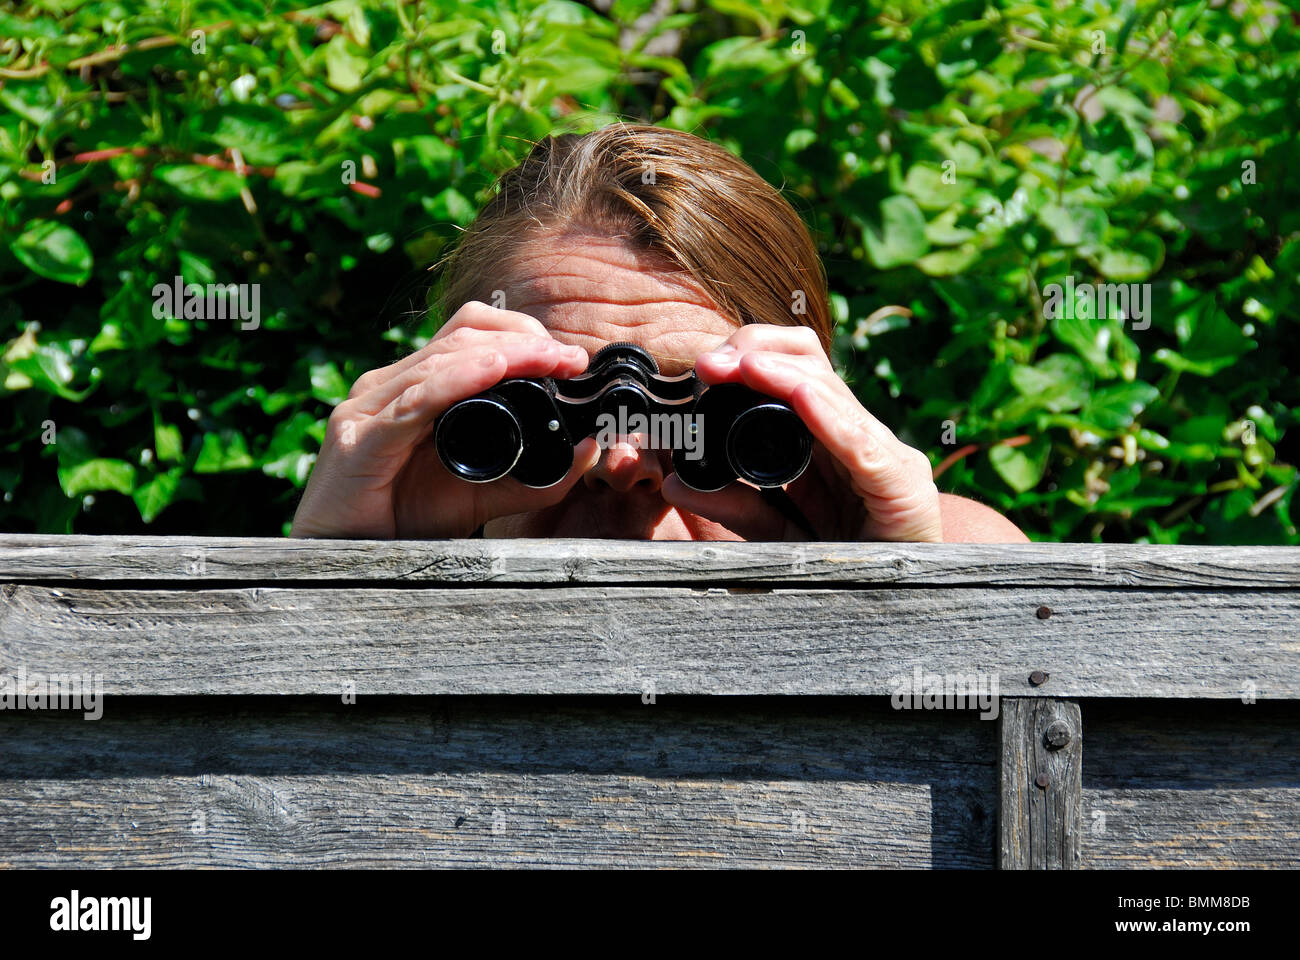 Eine Frau, Fernglas die Spionage auf ihrem Nachbarn mit einem Fernglas Frau, c14488